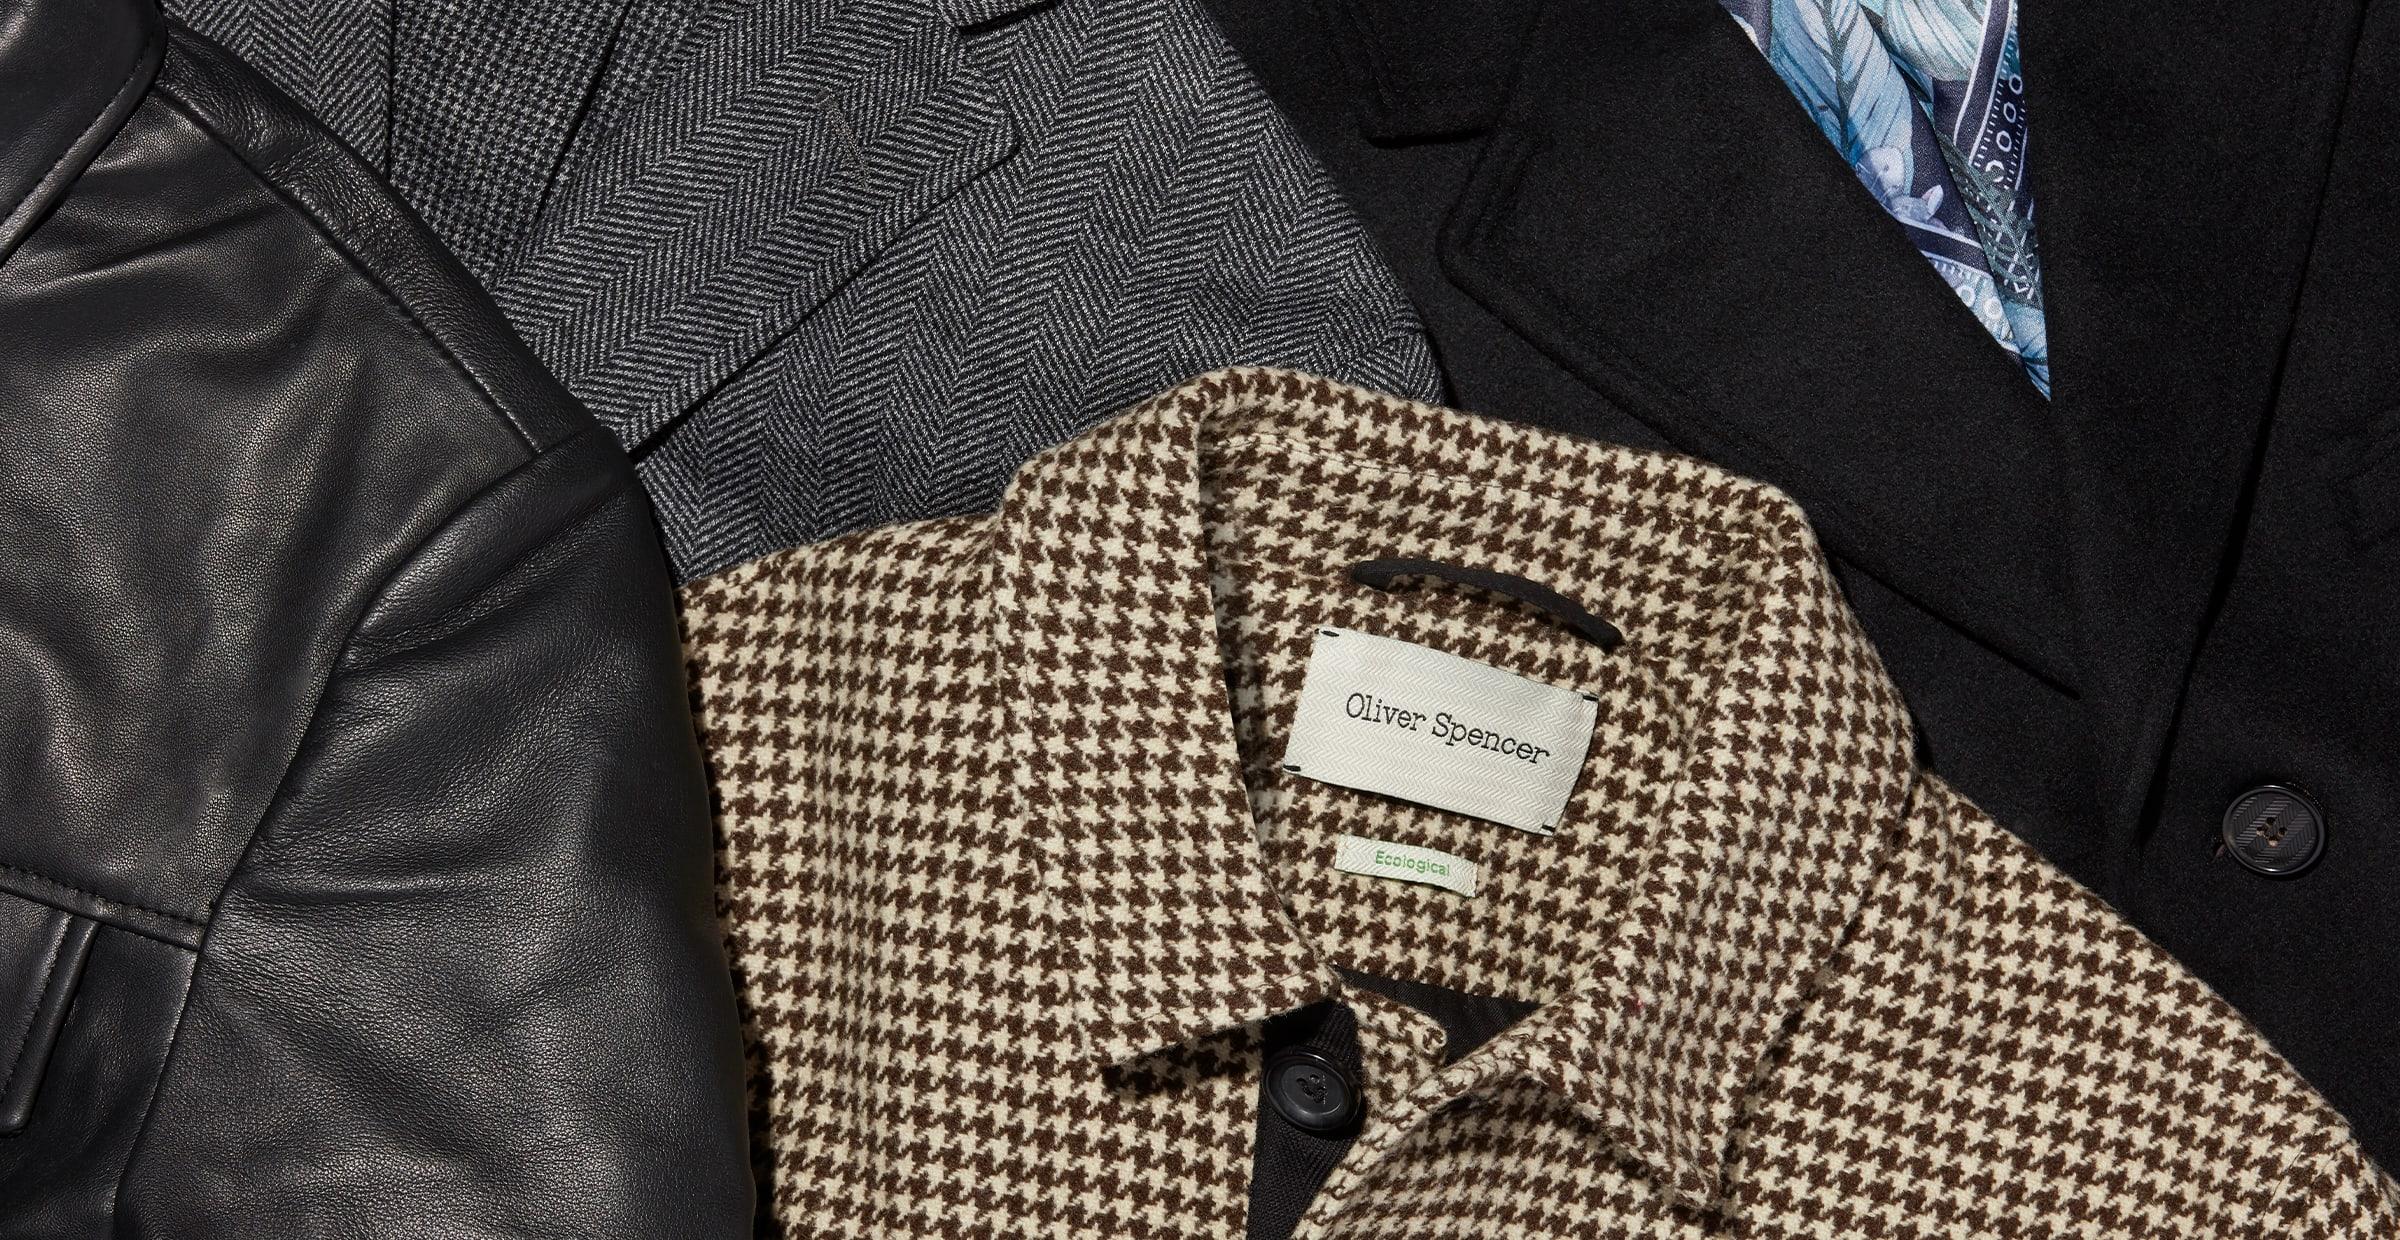 Men's winter workwear jackets